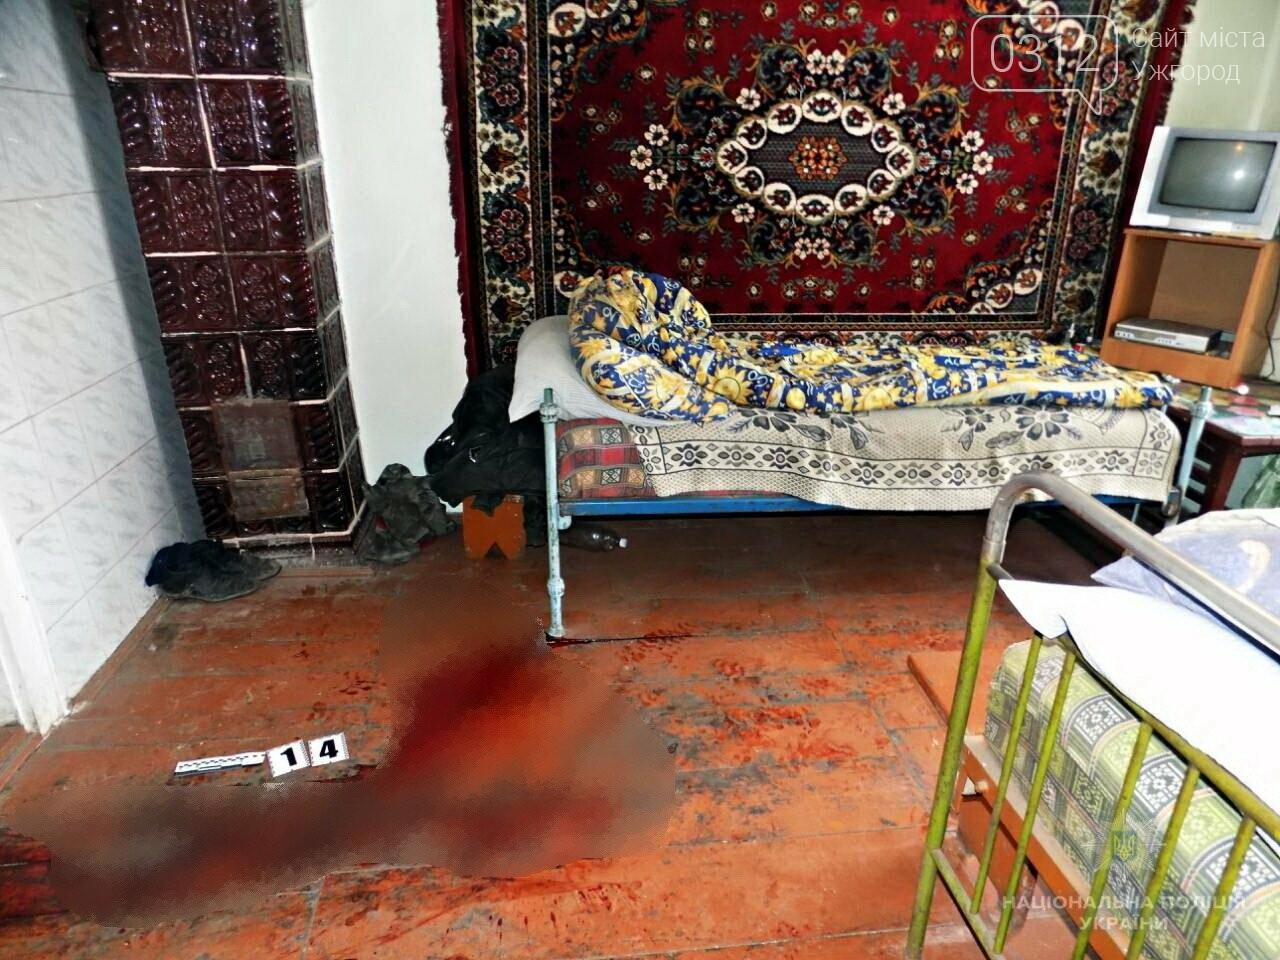 Шокуюче вбивство на Міжгірщині: чоловік зарубав сокирою свого приятеля (ФОТО), фото-1